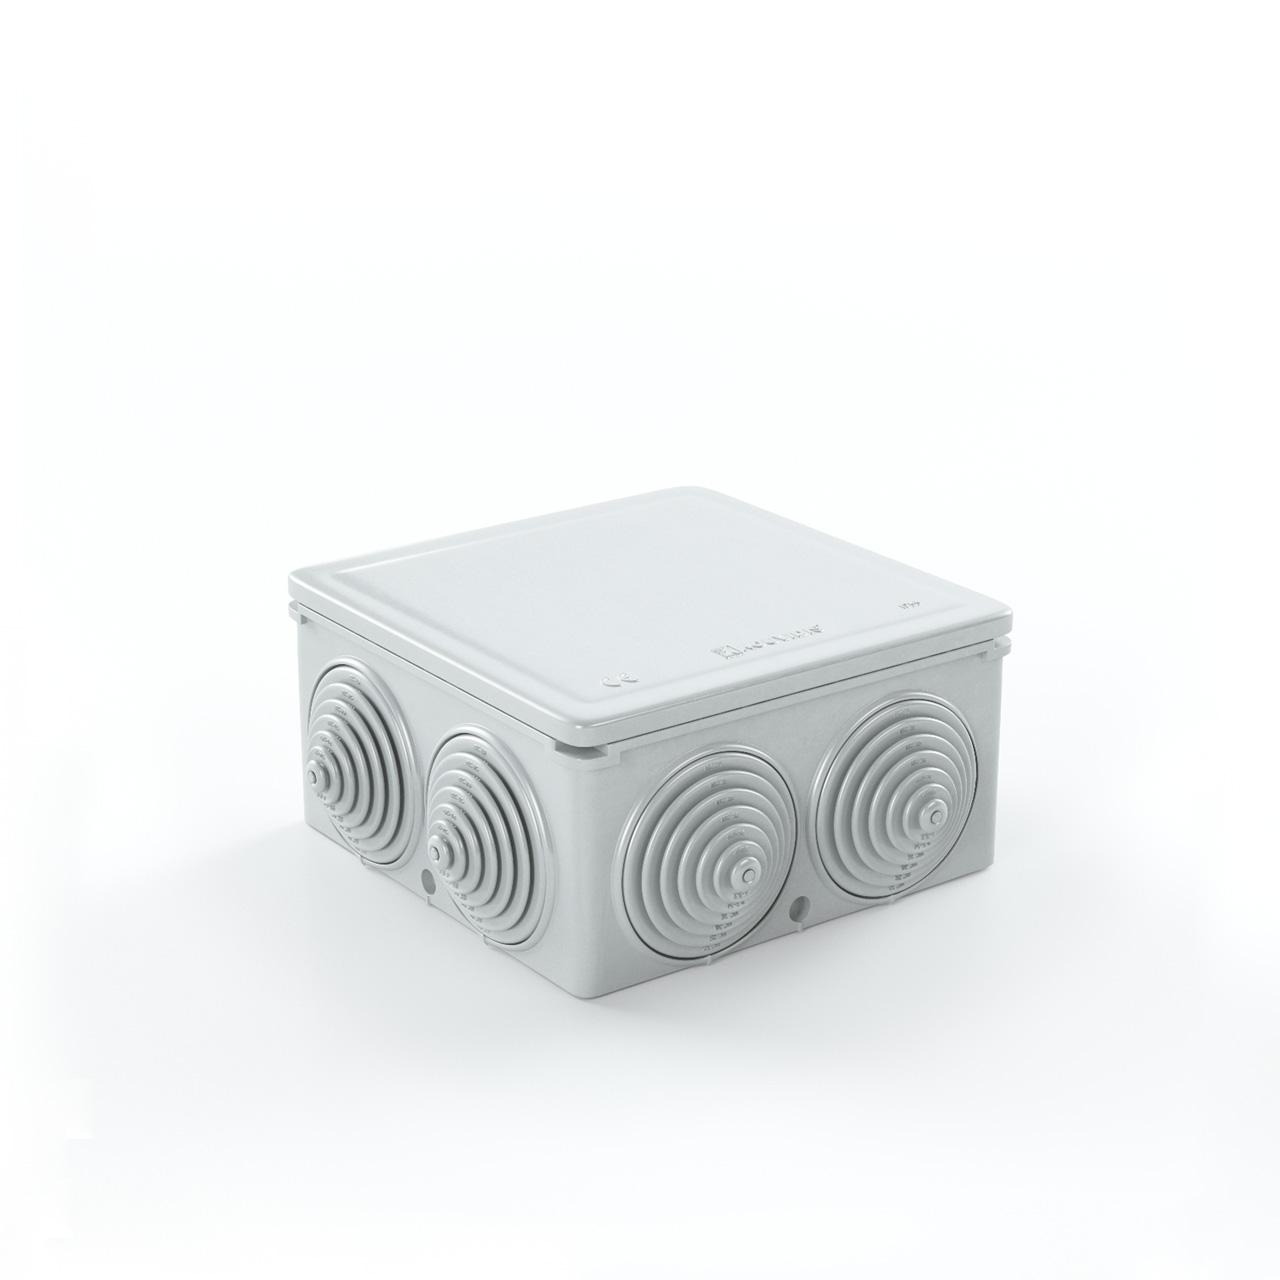 Στεγανό Τετράγωνο Κουτί Διακ/Σεως Condur Με Βαθμιδωτές Τάπες Φ16/20